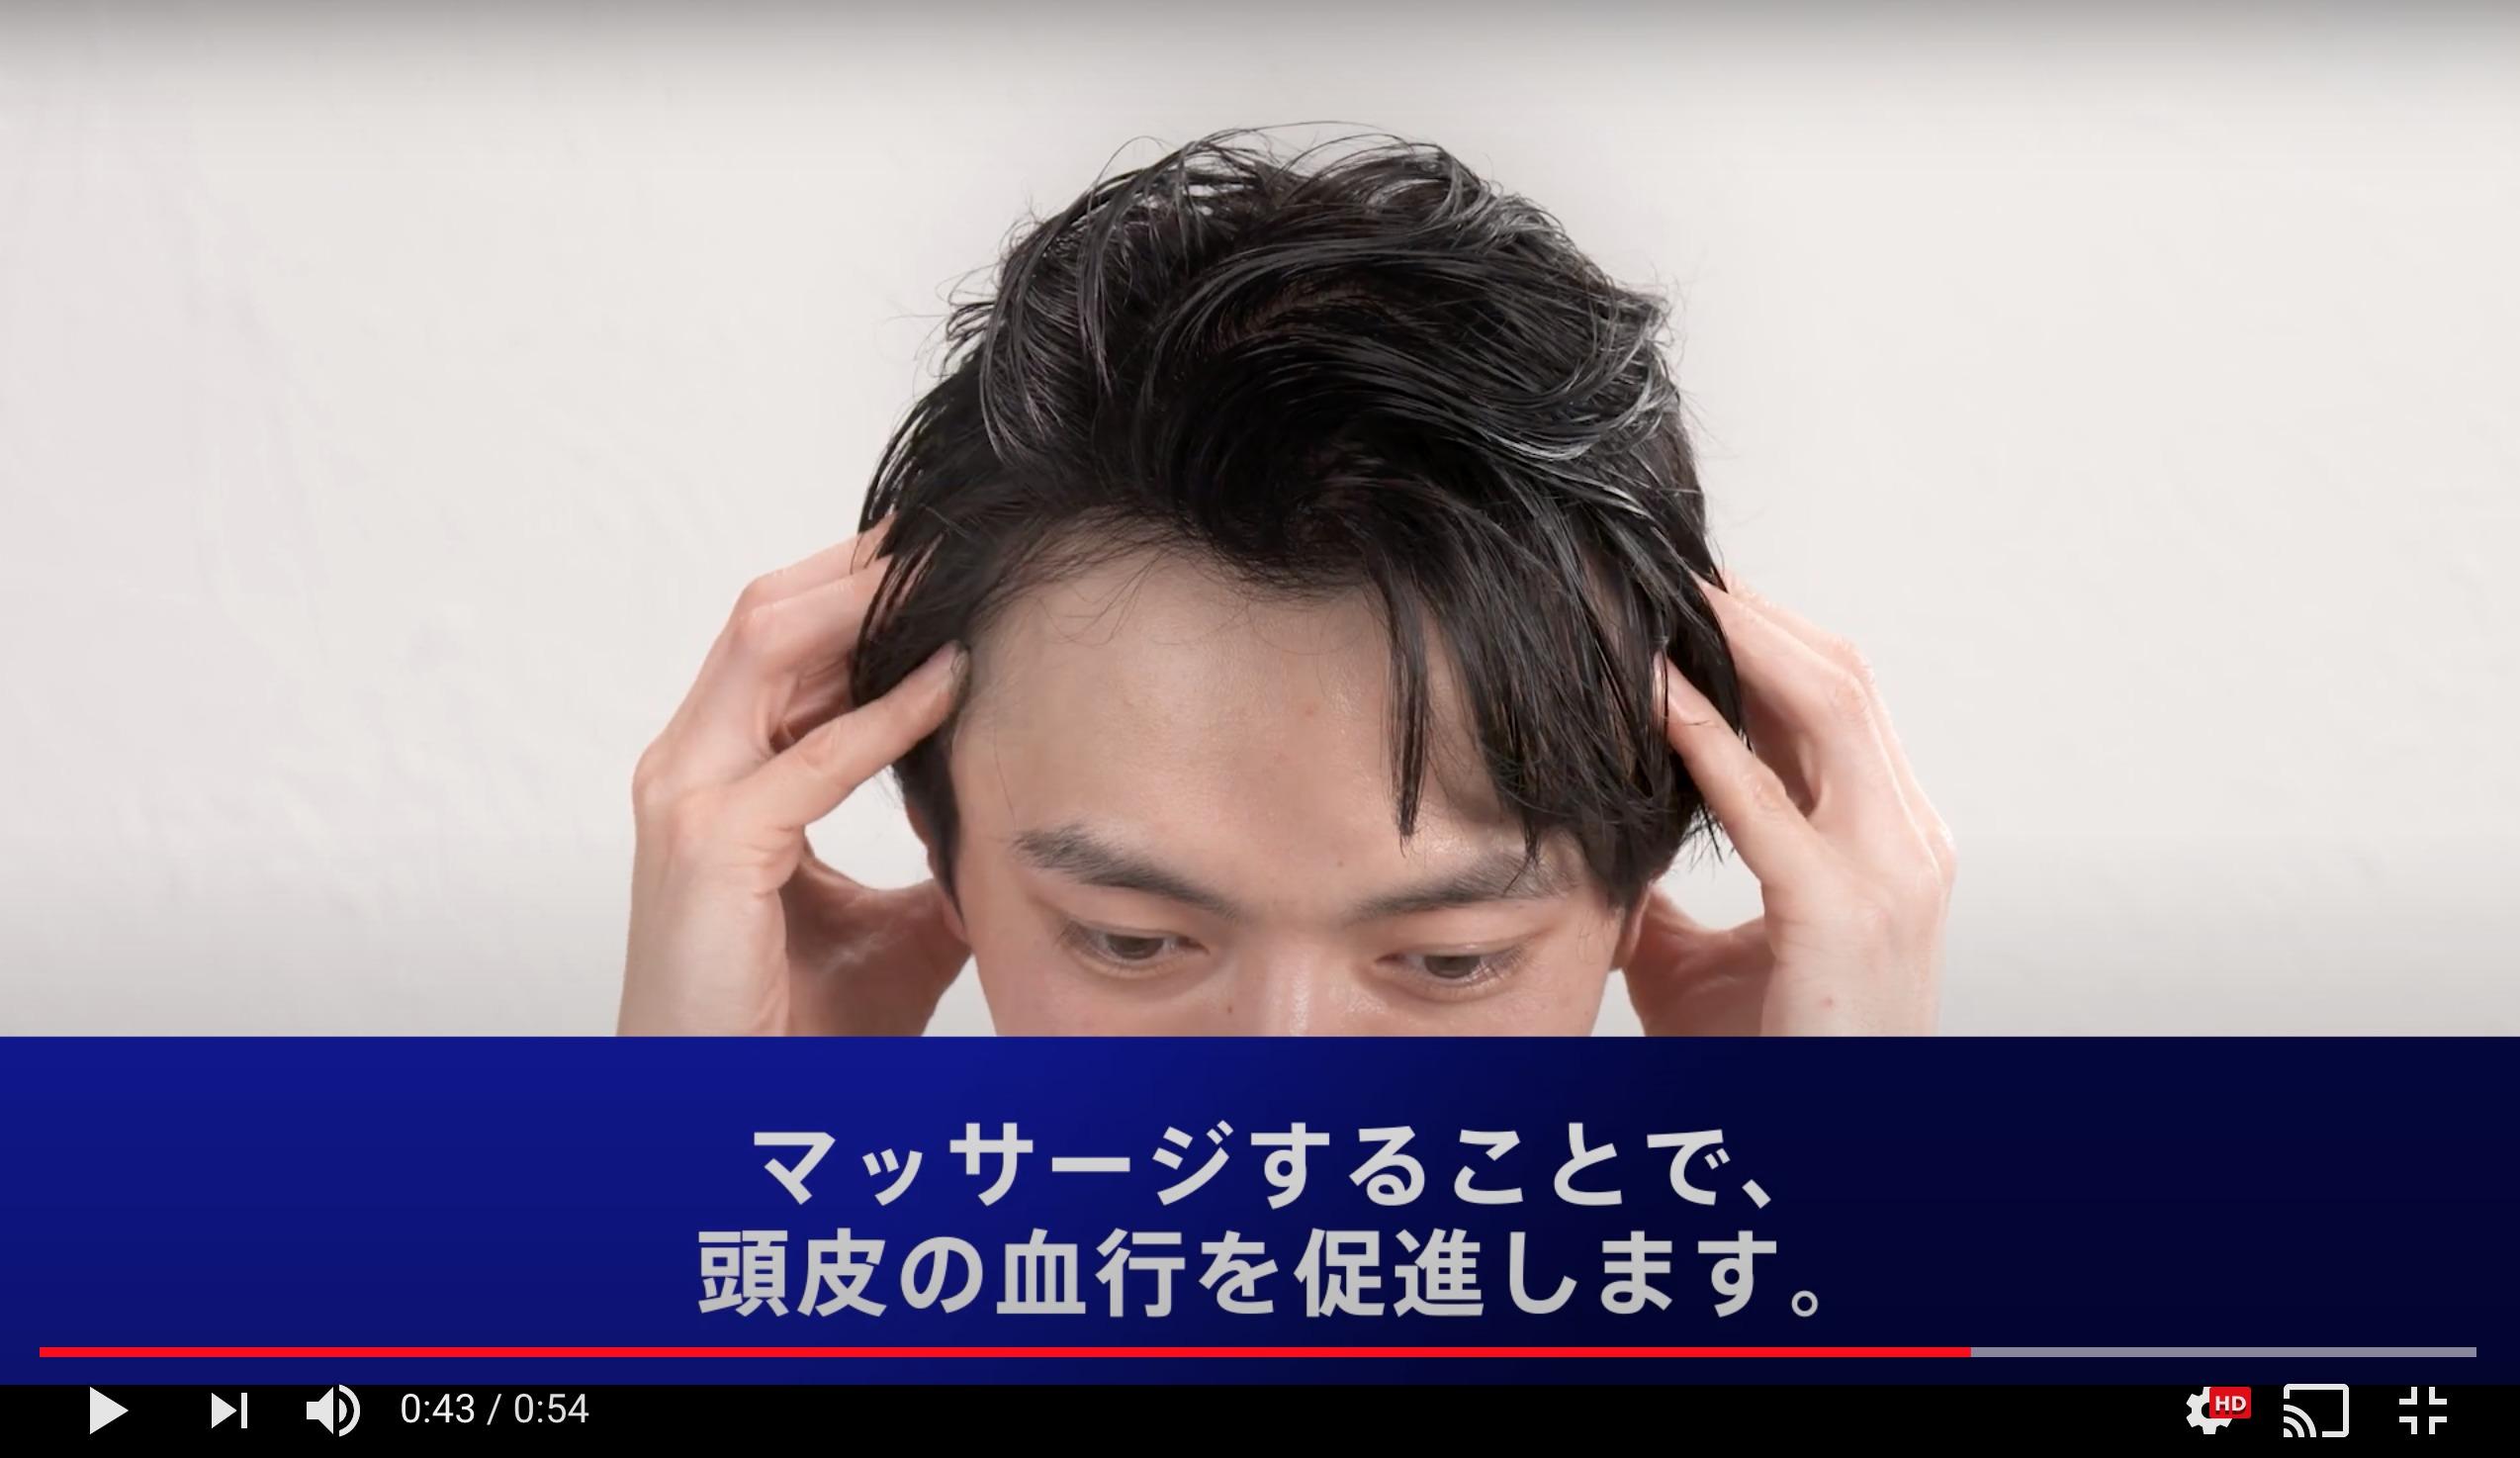 サクセス使い方 頭全体をマッサージ側頭部